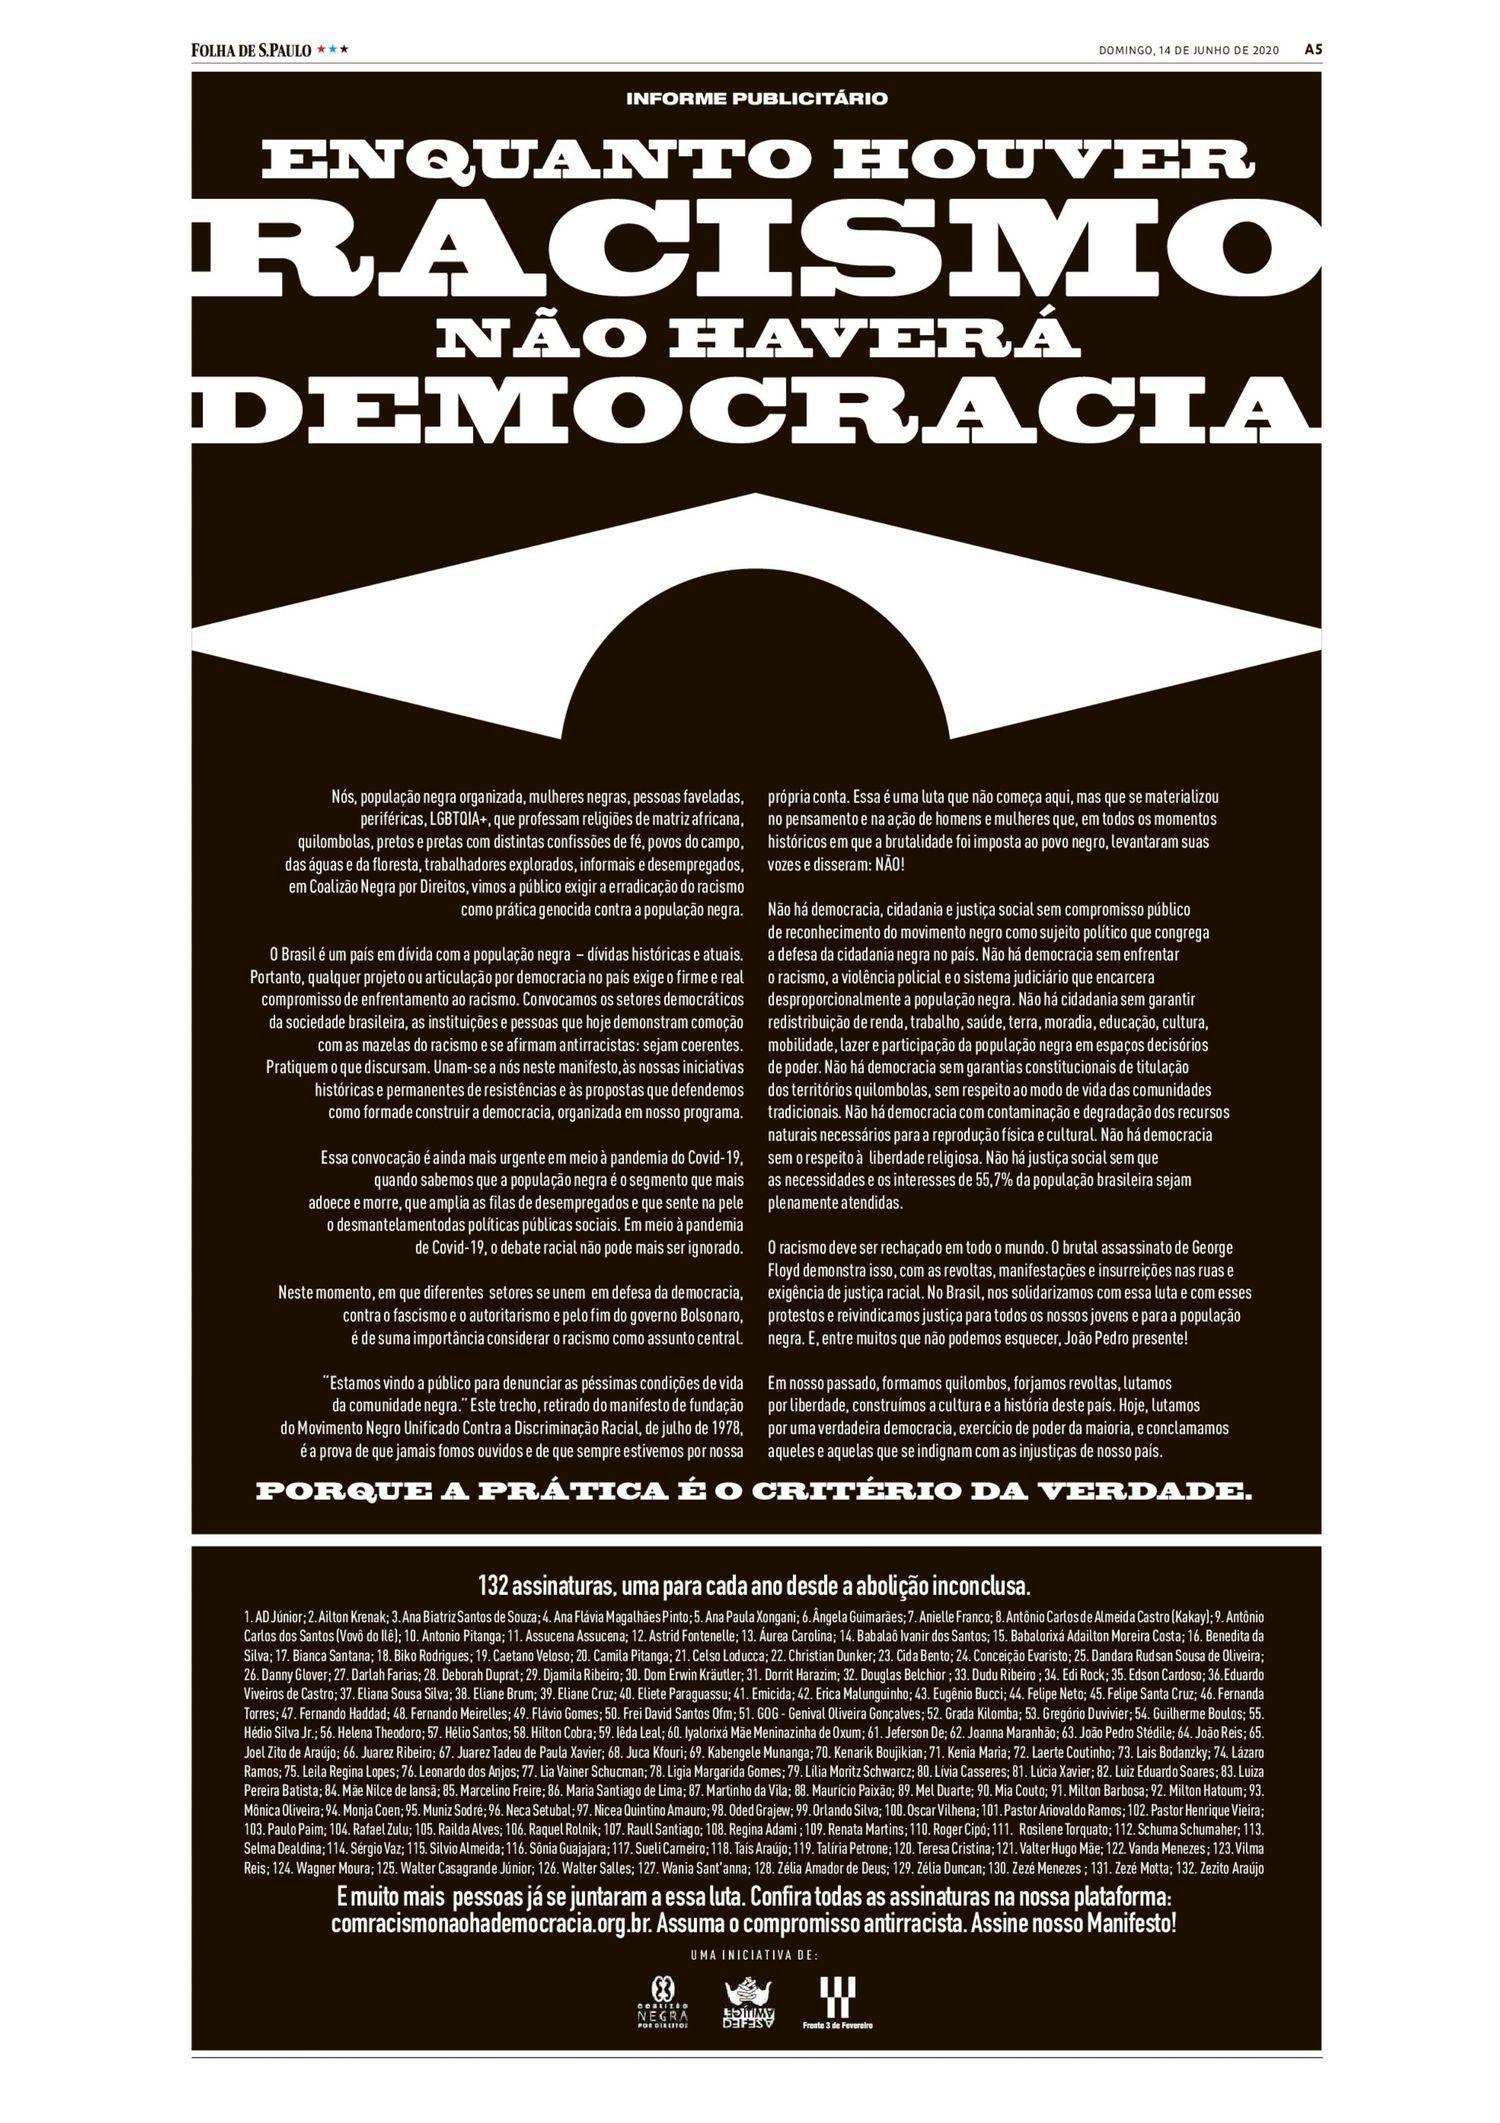 Reprodução do anúncio do manifesto no jornal 'Folha de S.Paulo'